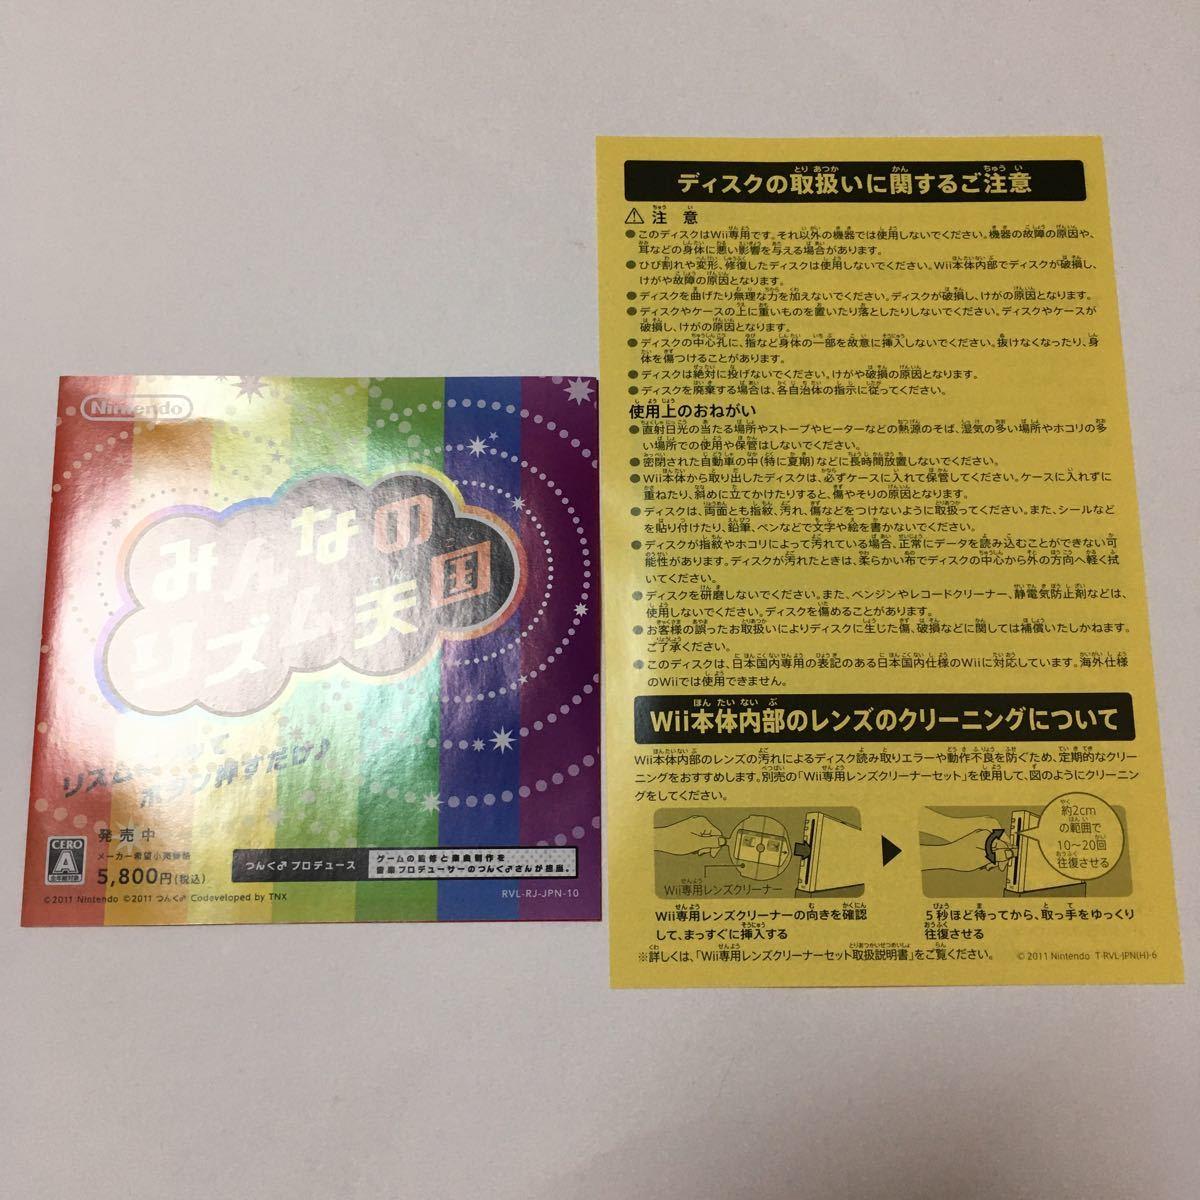 Wii  ソフト ピクミン2   動作確認済み 任天堂 レトロ ゲームボーイ ゲームキューブ カセット